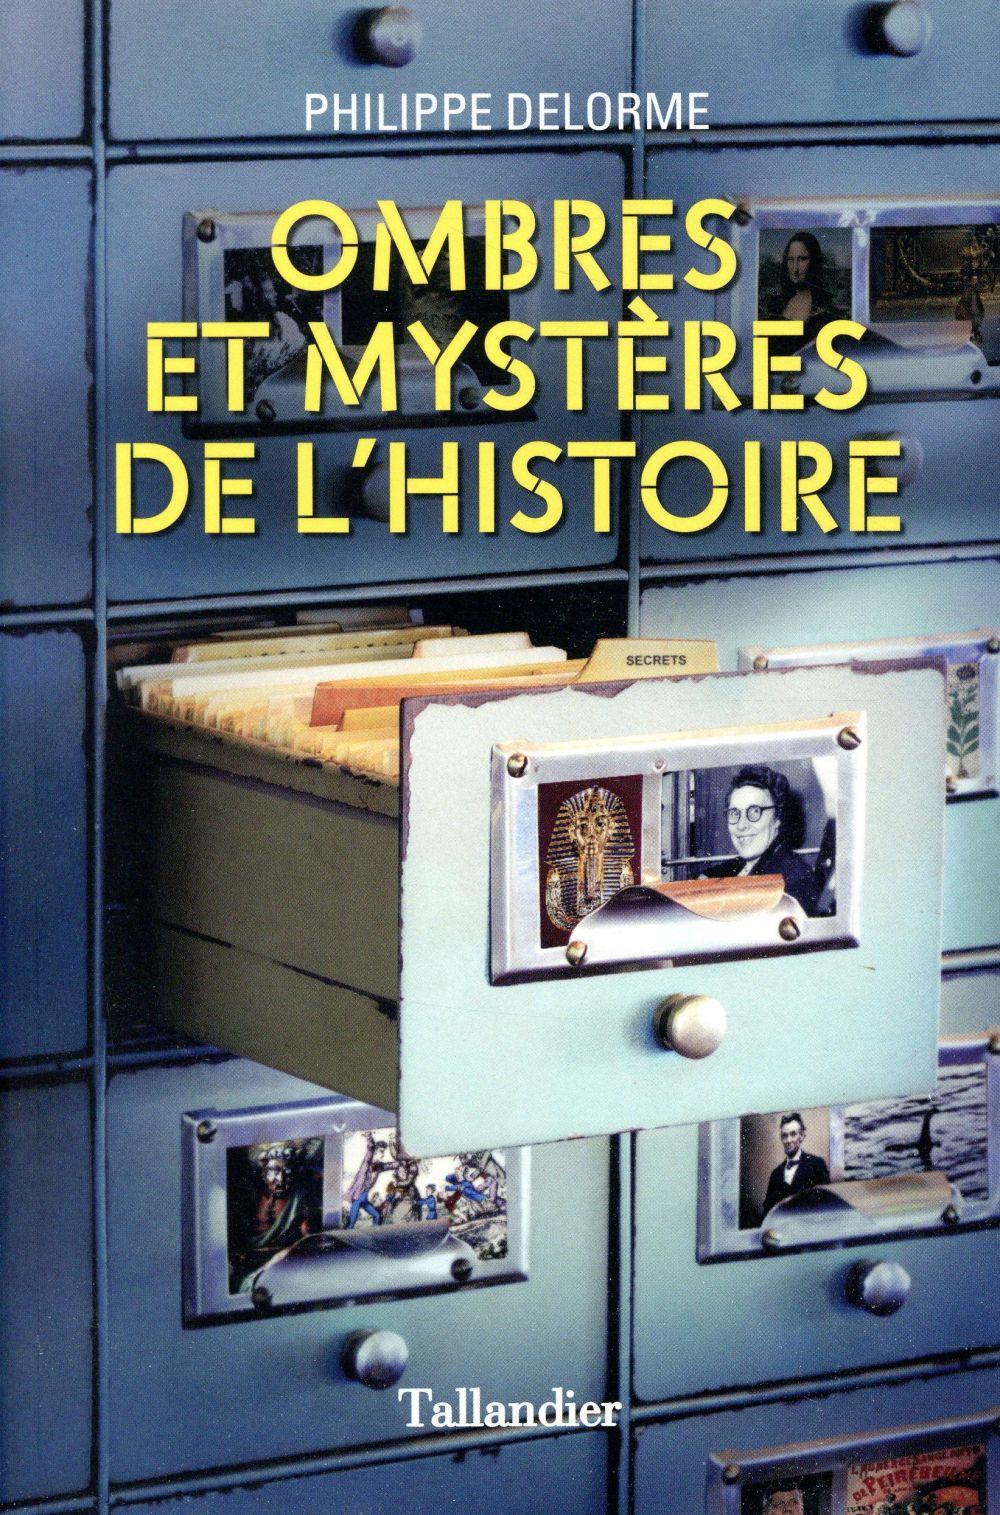 Ombres et mystères de l'histoire ; petits mystères et grandes énigmes